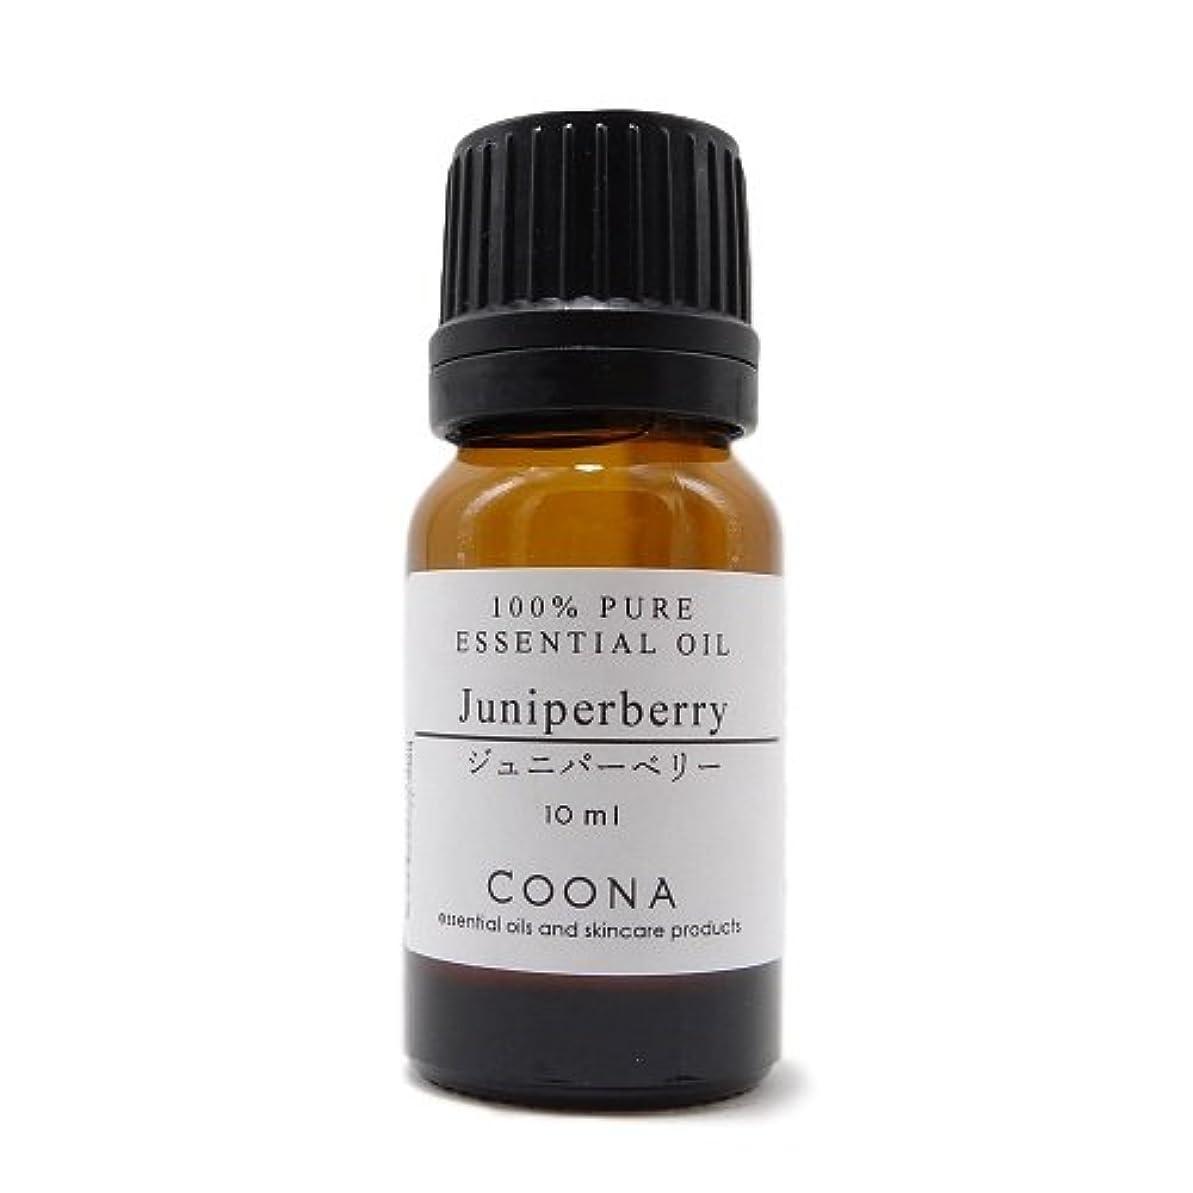 タイト私たち自身神学校ジュニパーベリー 10 ml (COONA エッセンシャルオイル アロマオイル 100%天然植物精油)